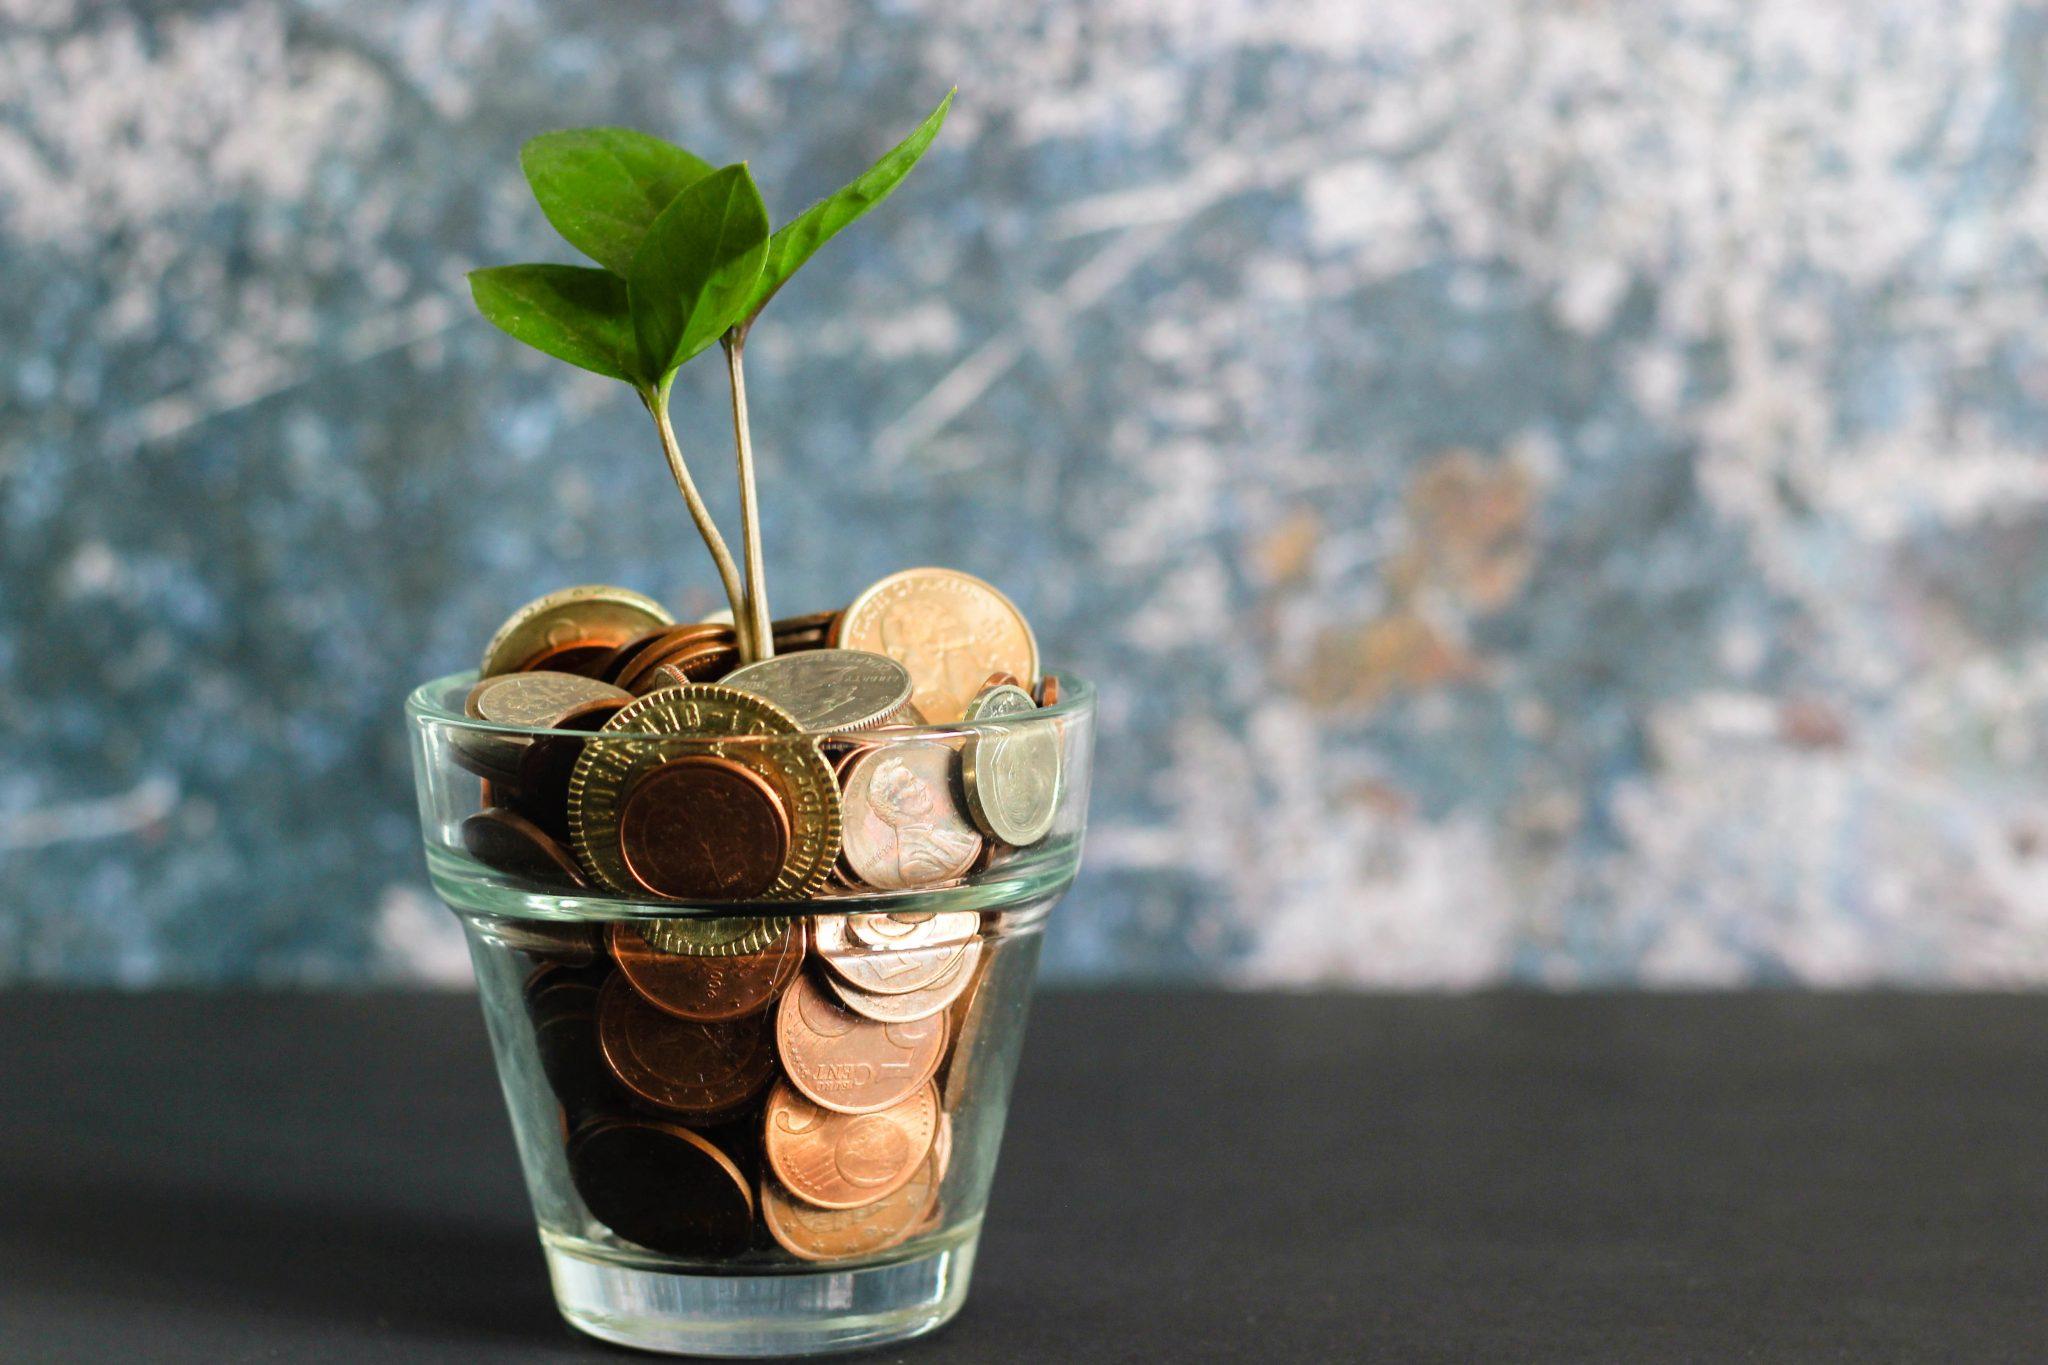 Plantje dat groeit op munten